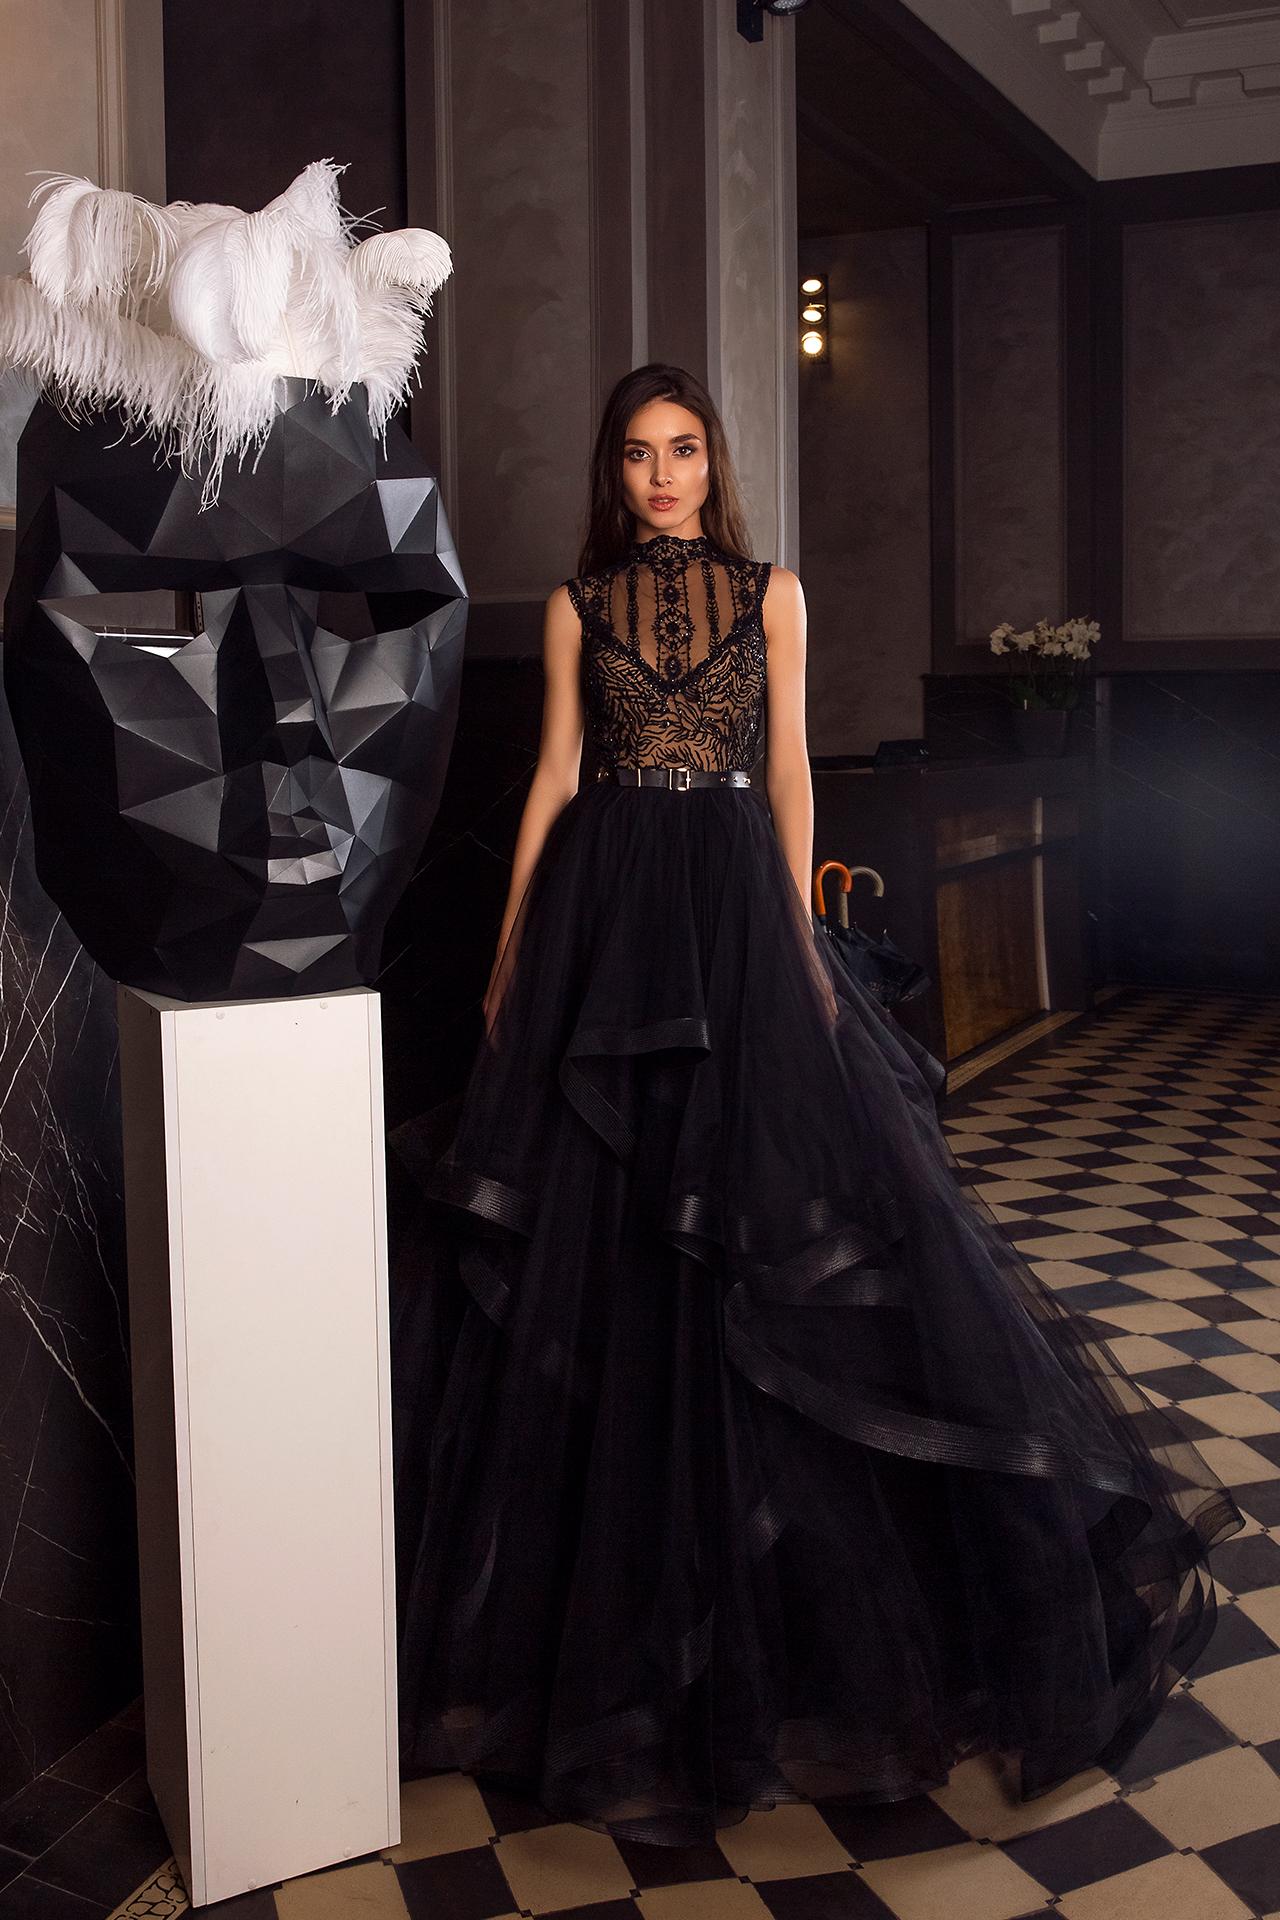 Вечірні сукні 1486 Силует  Пишний  Колір  Чорний  Виріз  Стійка  Рукави  Без рукавів  Шлейф  З шлейфом